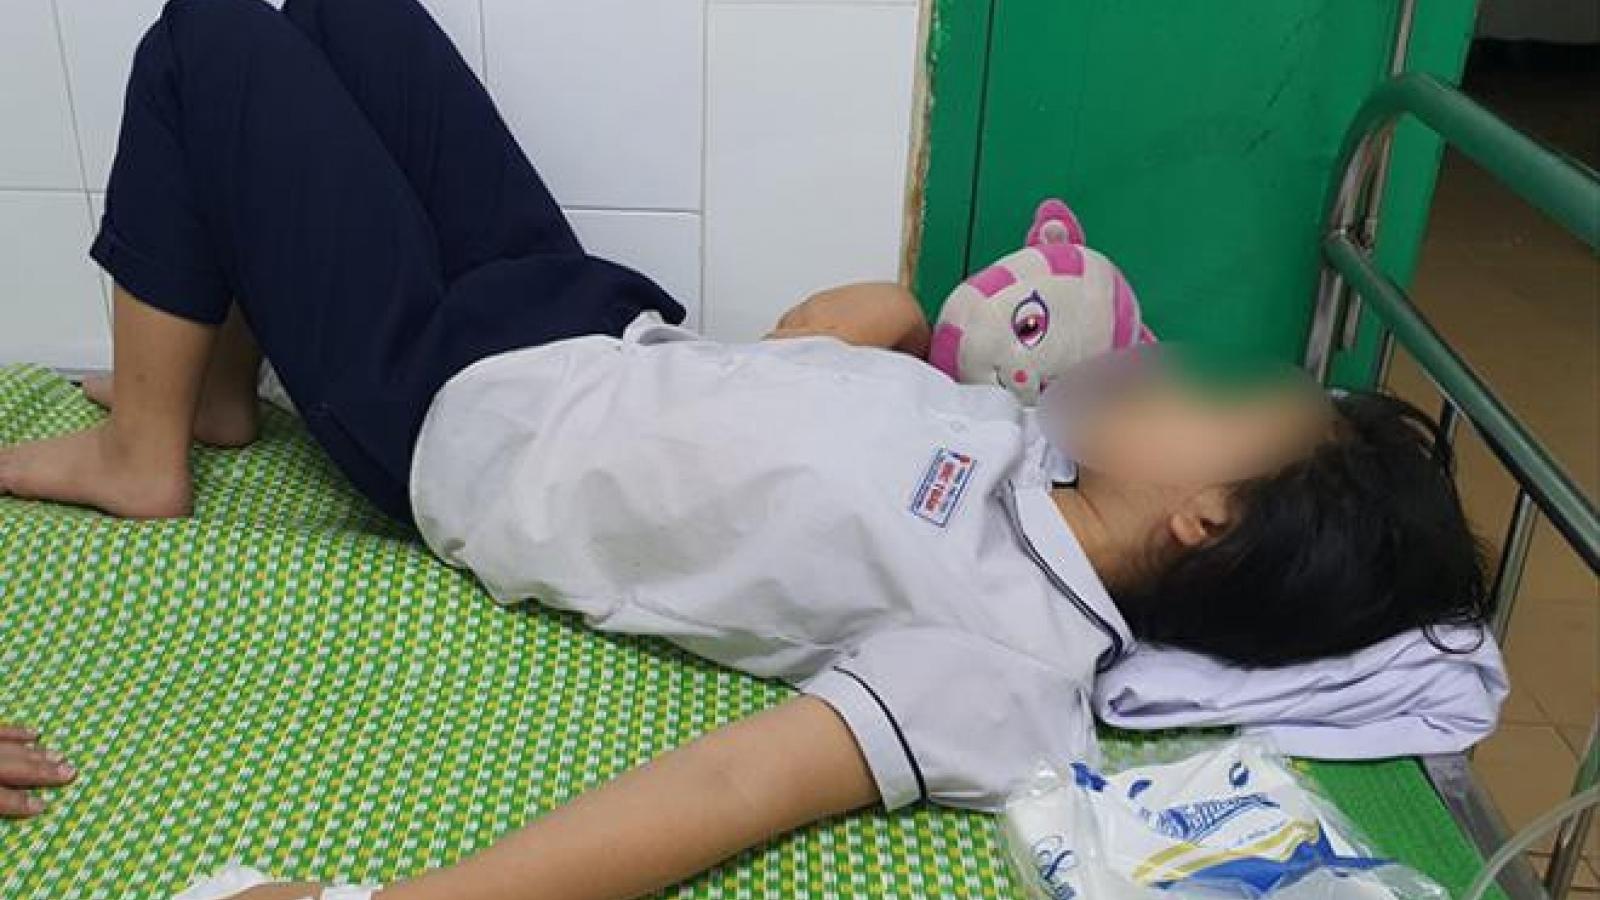 Uống nước ngọt cô giáo mang đến, hàng chục em phải nhập viện